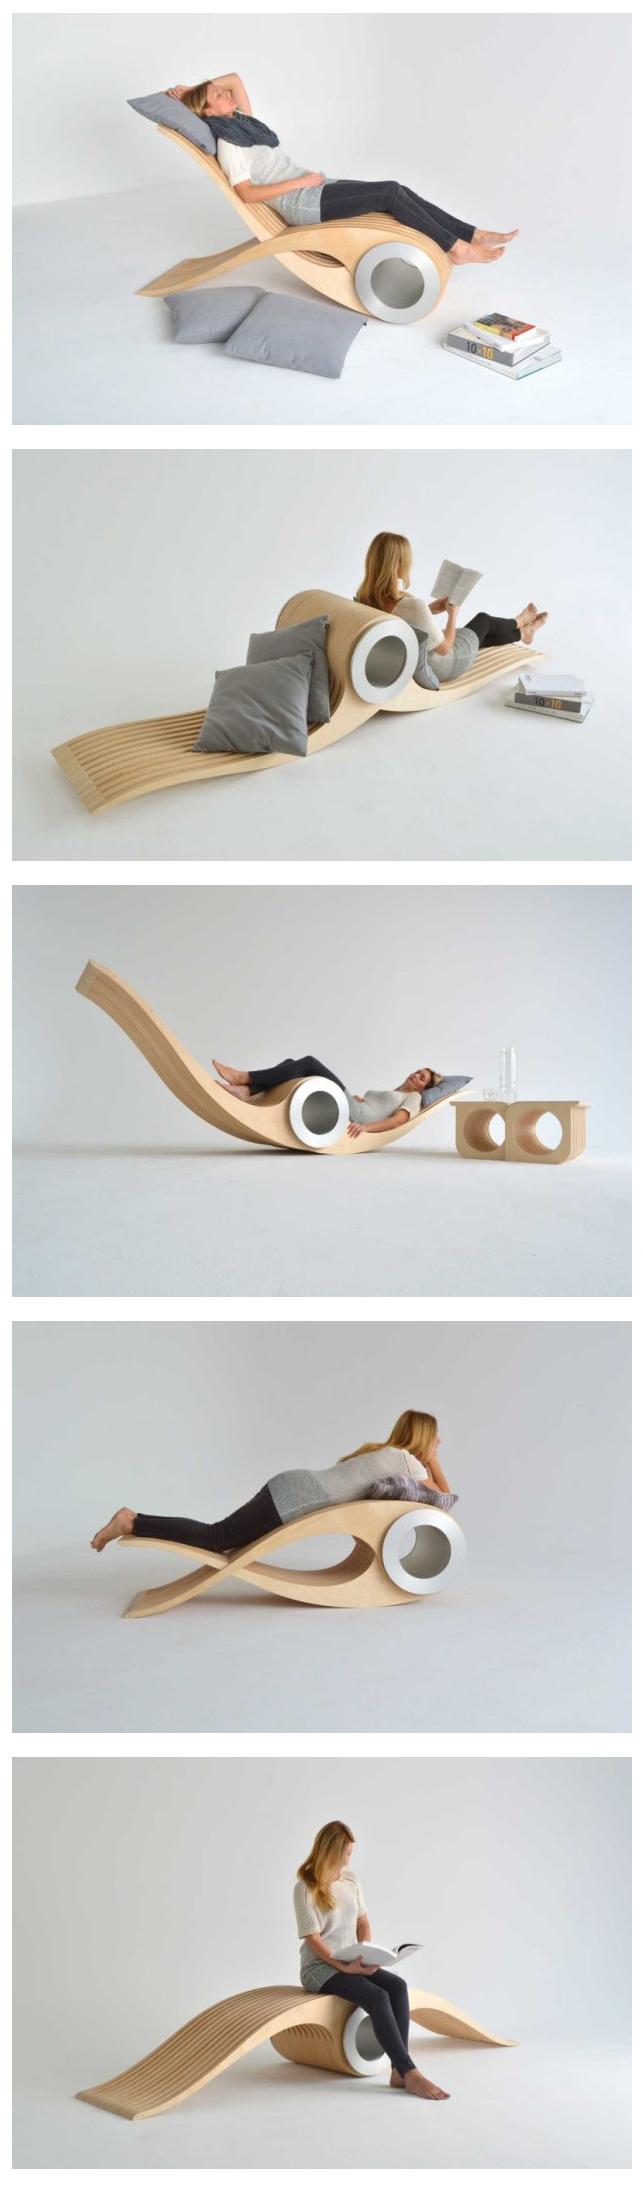 Schön Creative Design